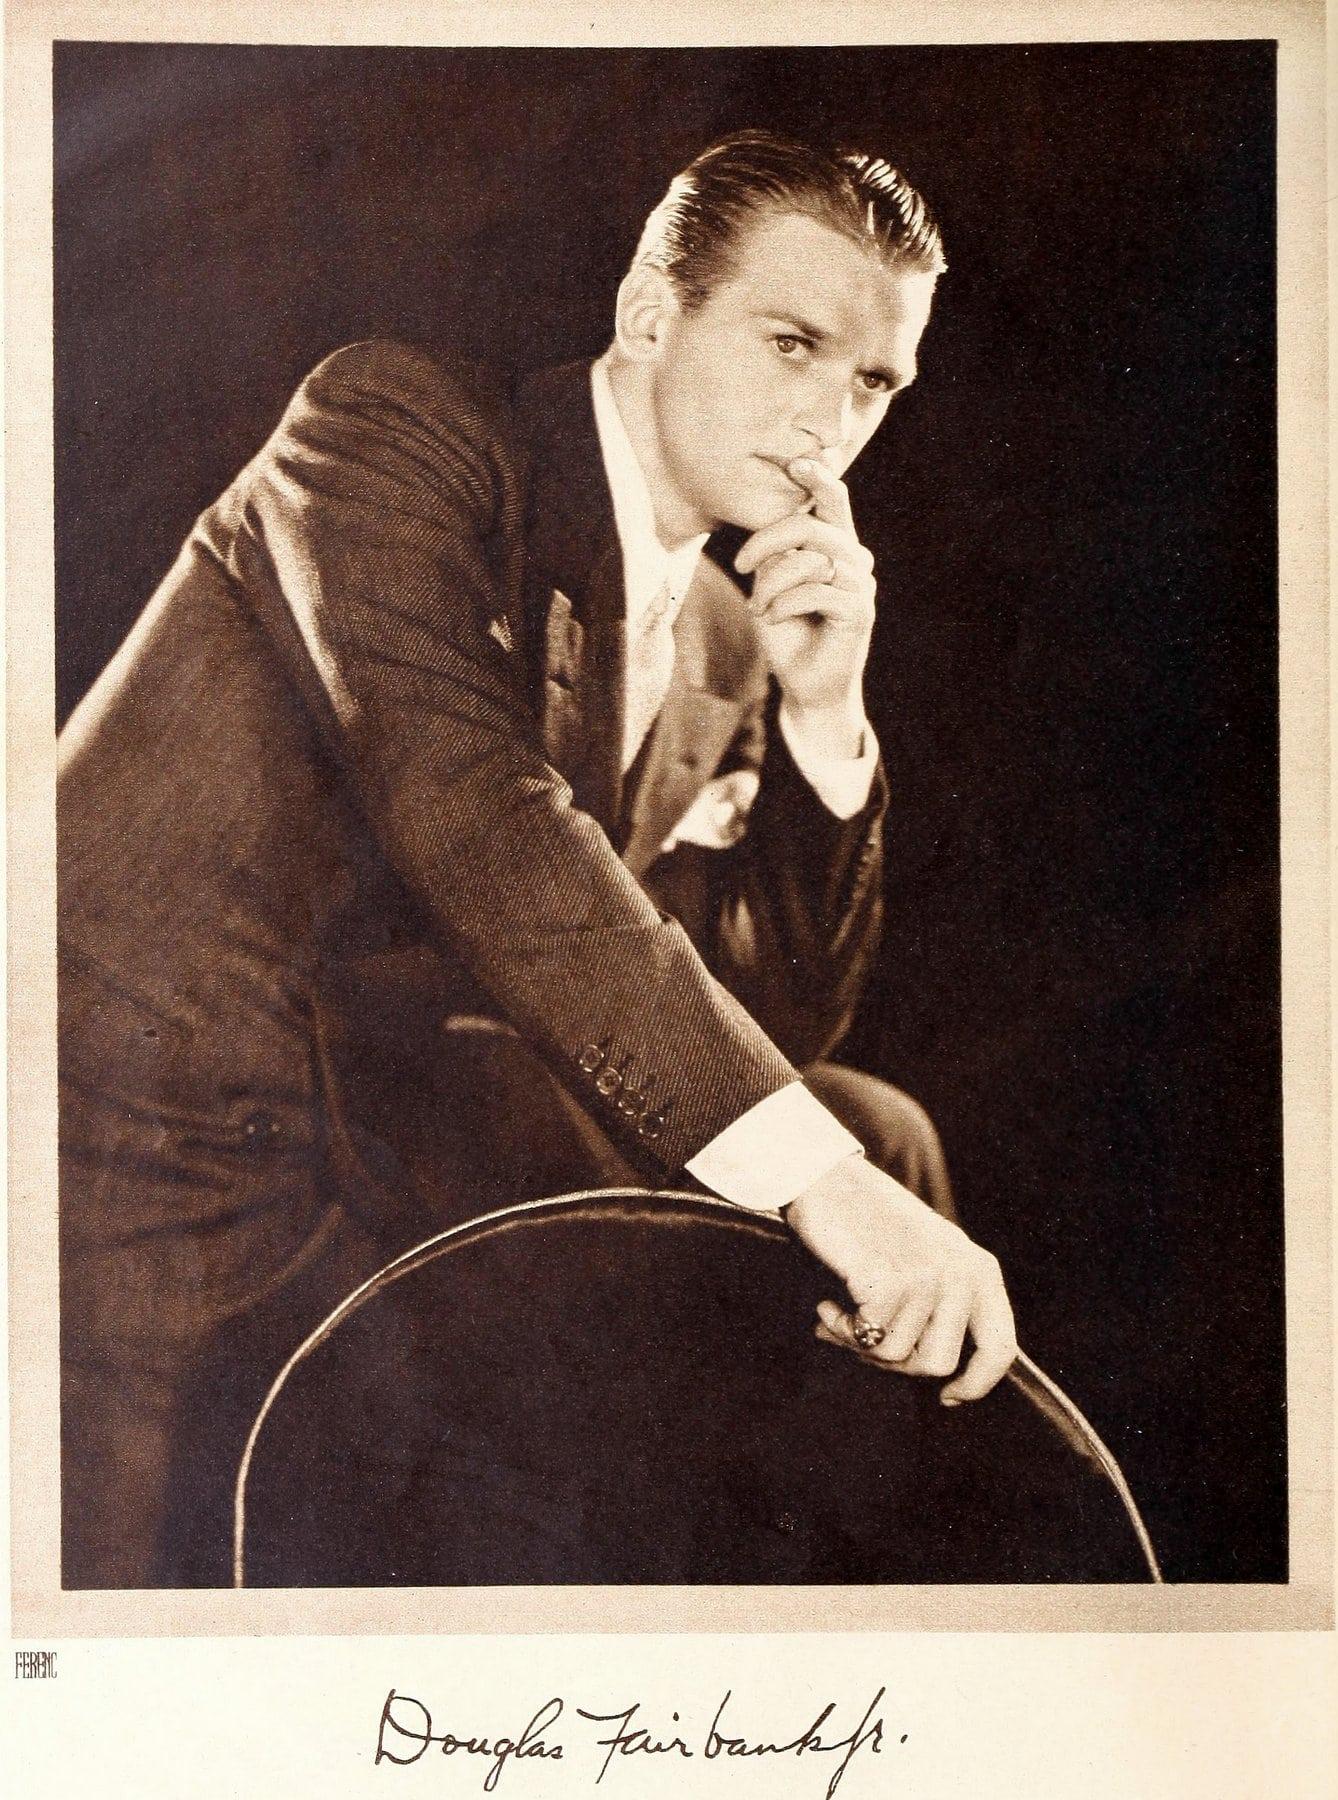 Vintage actor Douglas Fairbanks Jr in a 1930s suit